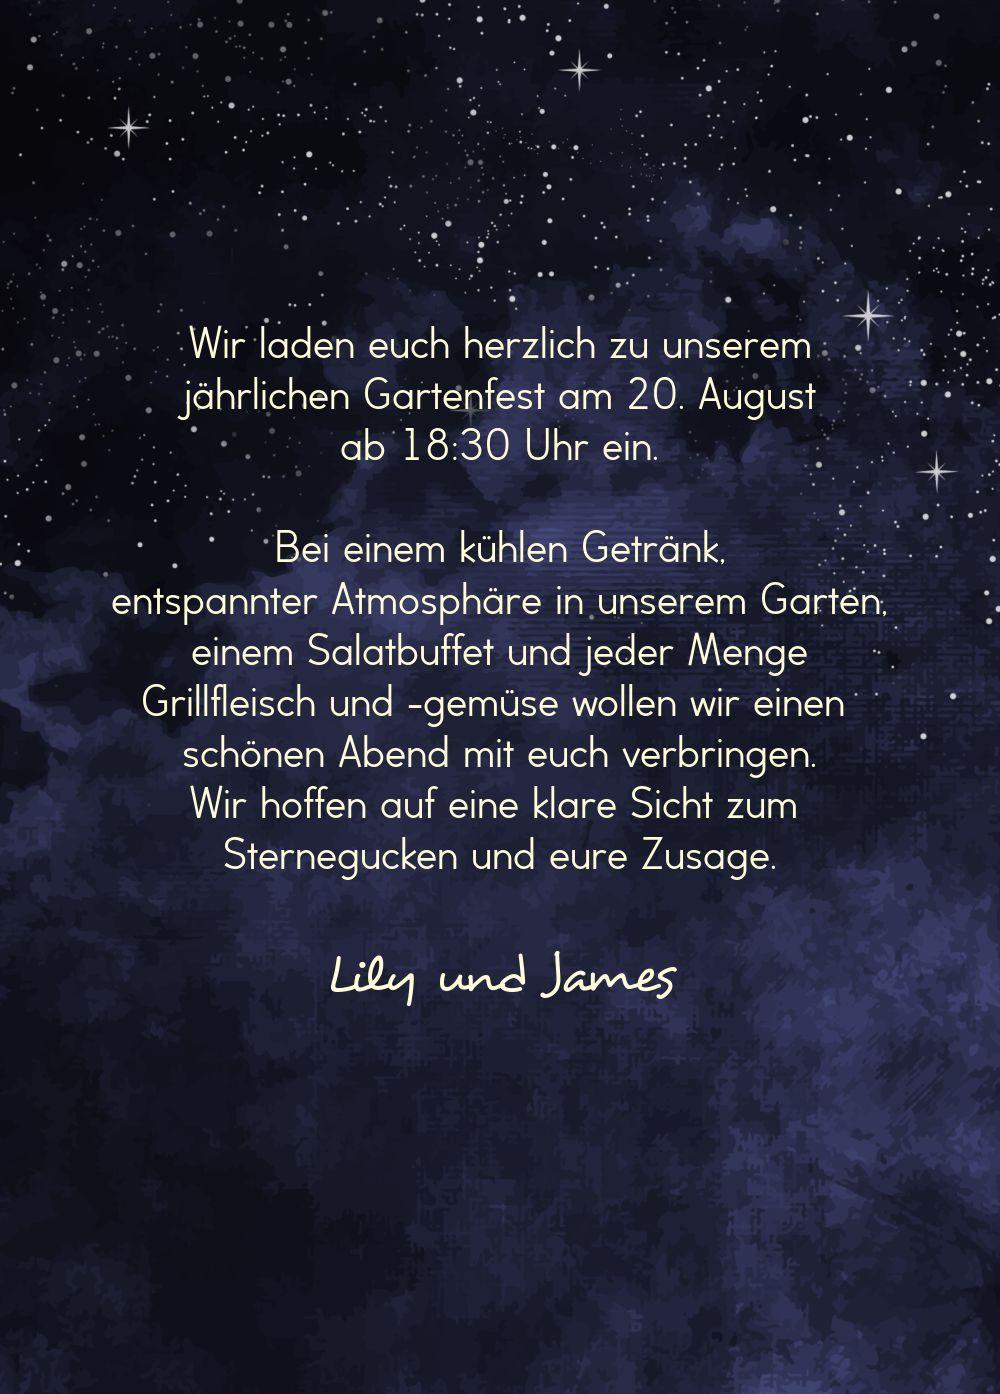 Ansicht 3 - Einladung Sommerfest Sternennacht